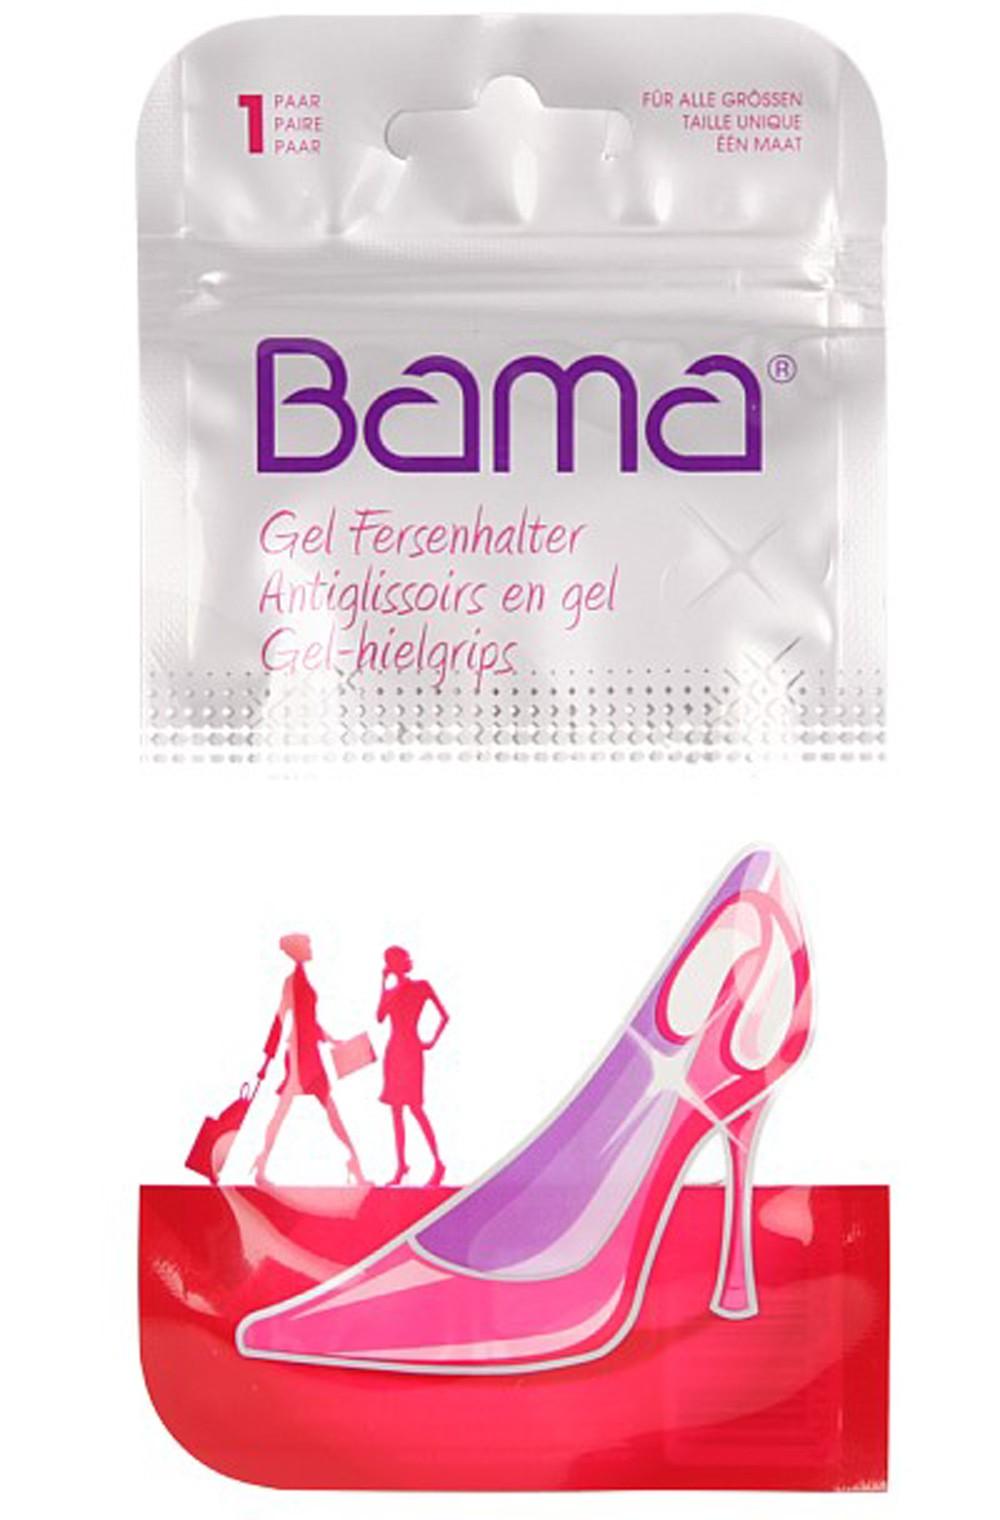 BAMA ZAPIETKI ŻELOWE  producent Bama